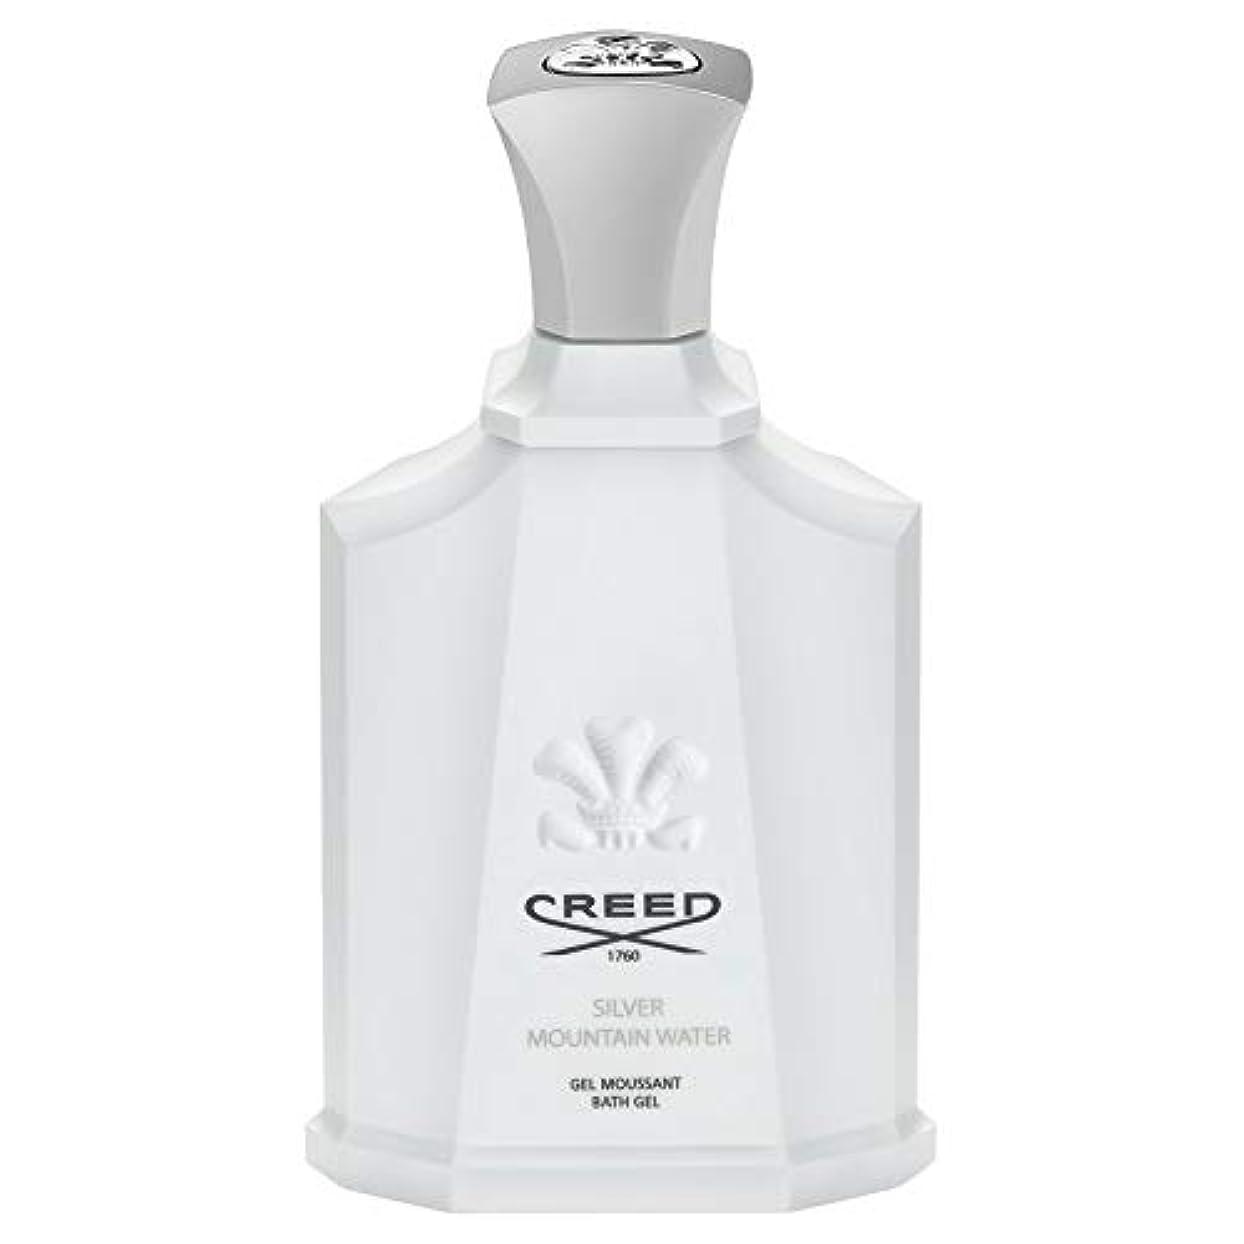 ギネス半球単に[Creed ] 信条銀山の水シャワージェル200Ml - CREED Silver Mountain Water Shower Gel 200ml [並行輸入品]